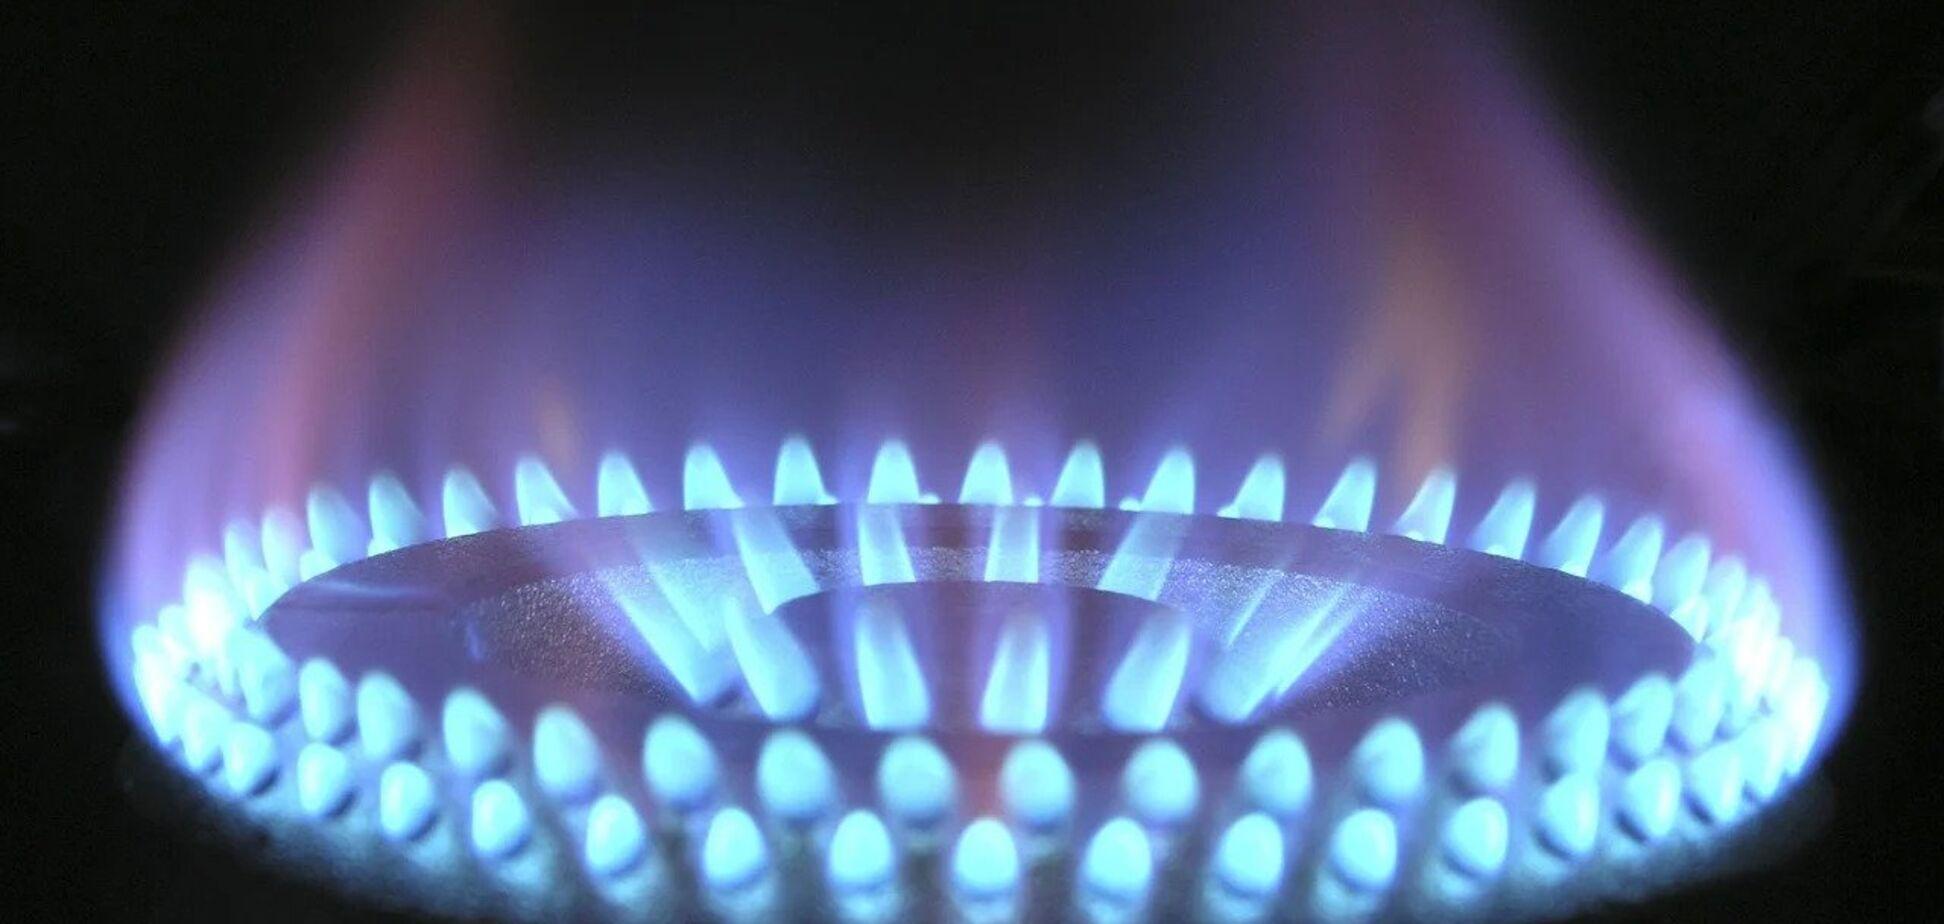 В Украине введут годовой тариф на газ: из чего состоит цена